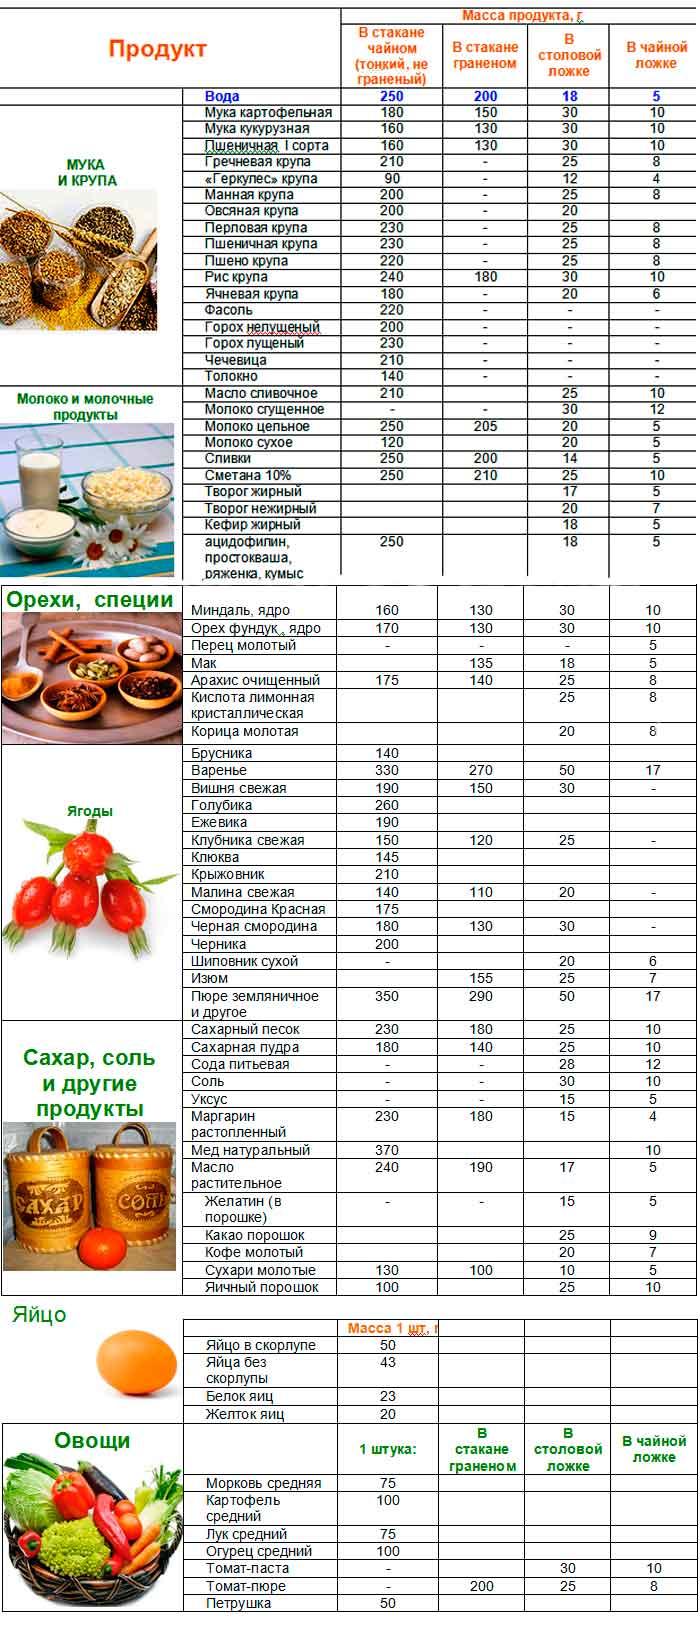 Диета 5 блюда 11